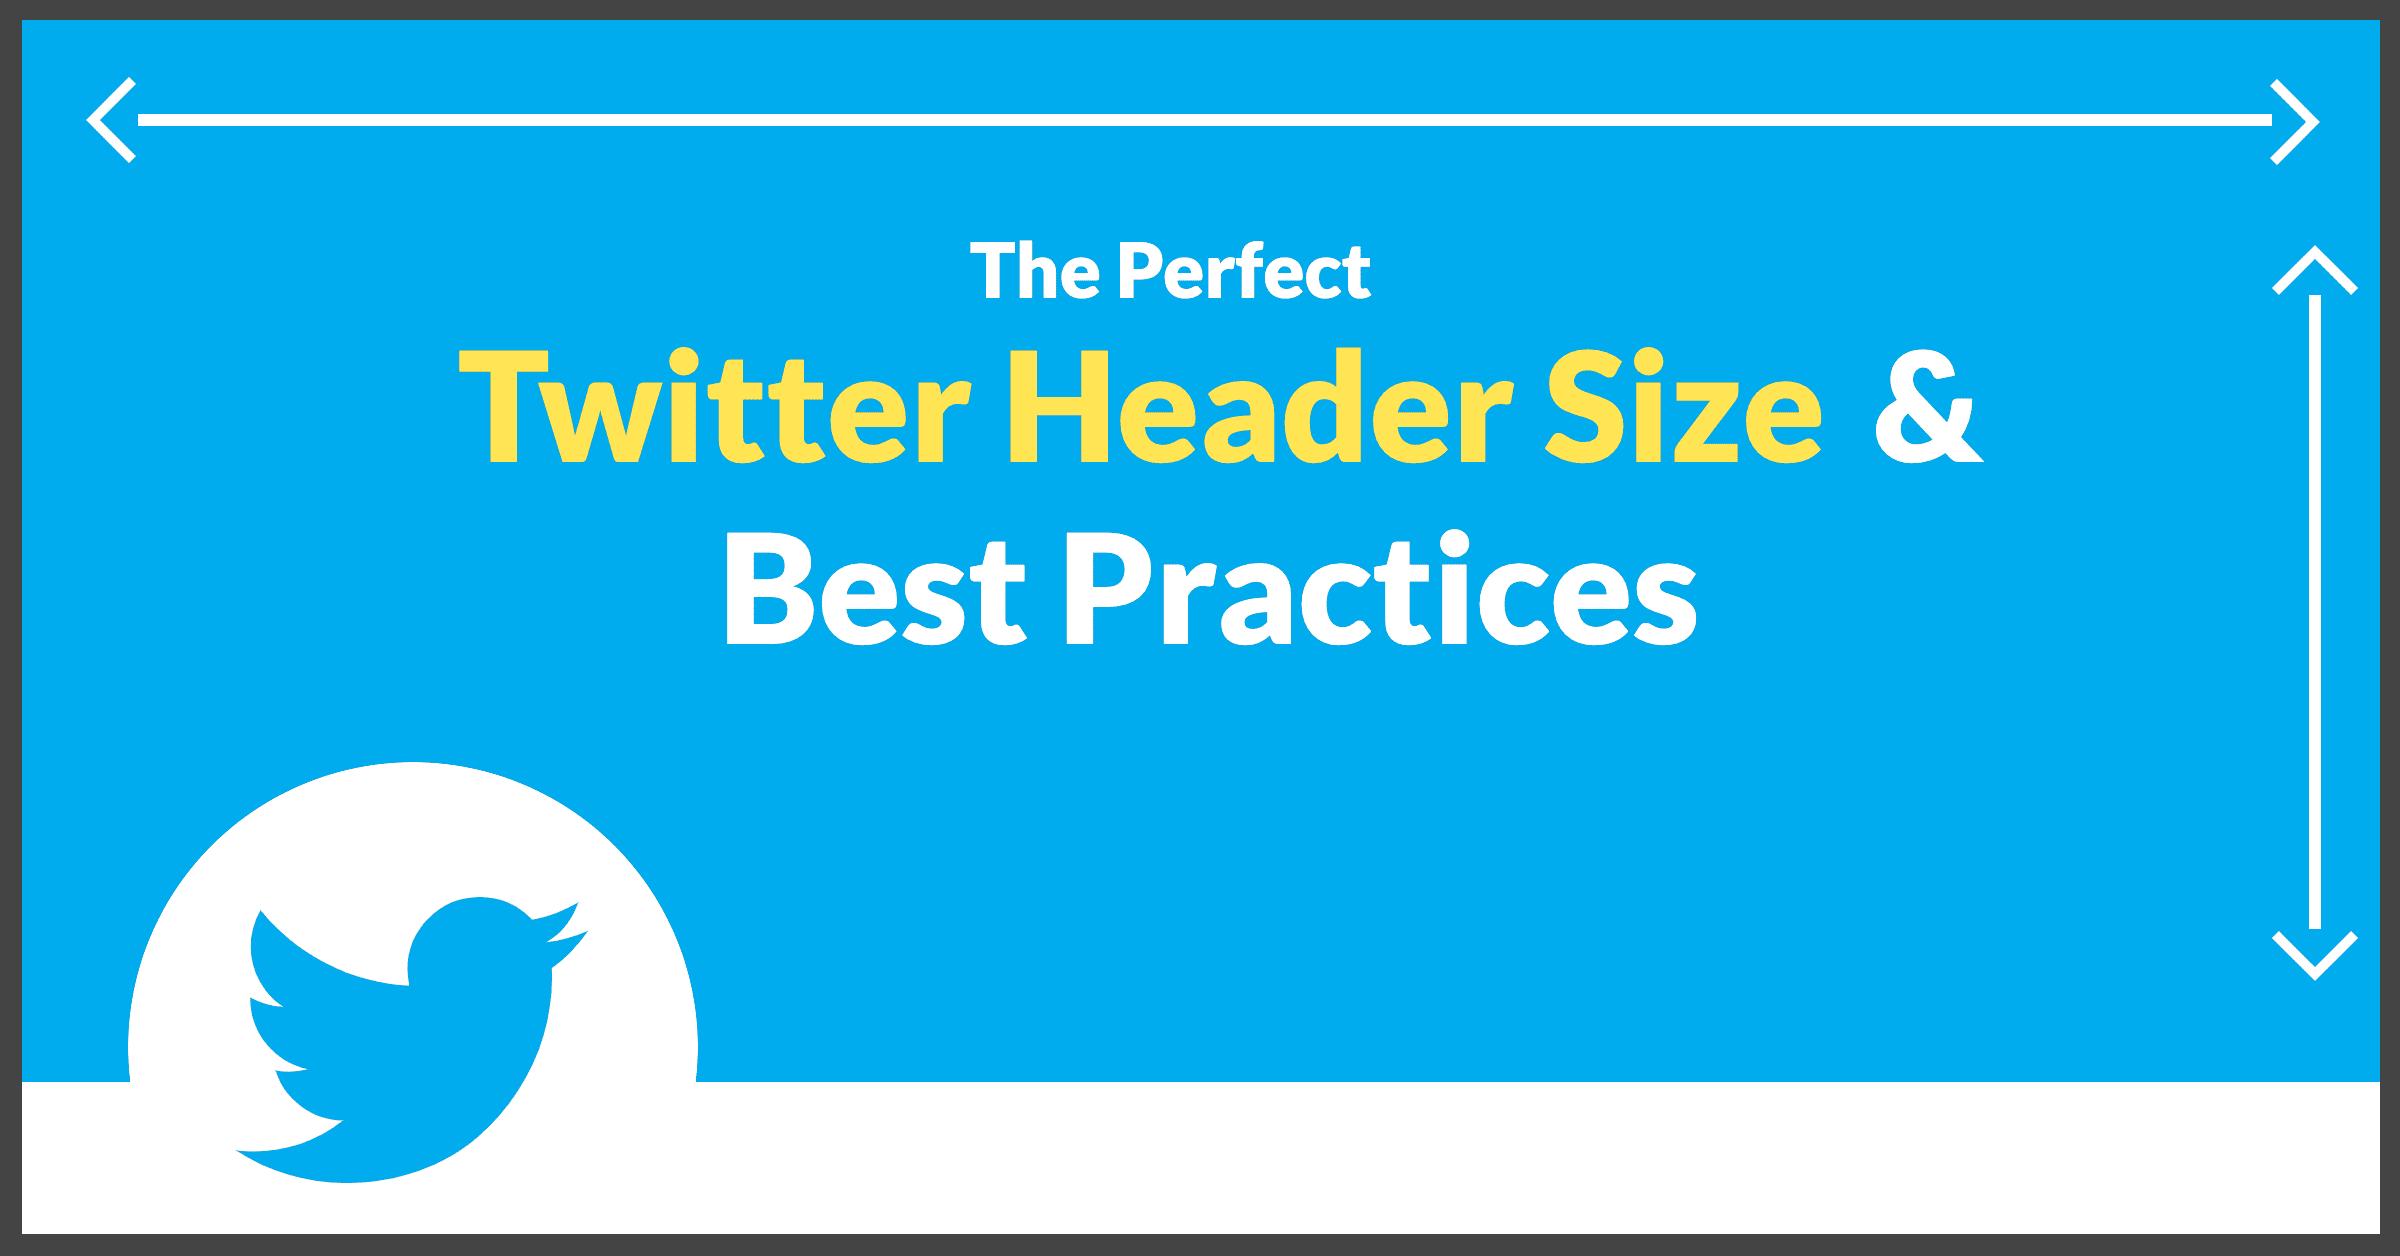 Twitter Header Size